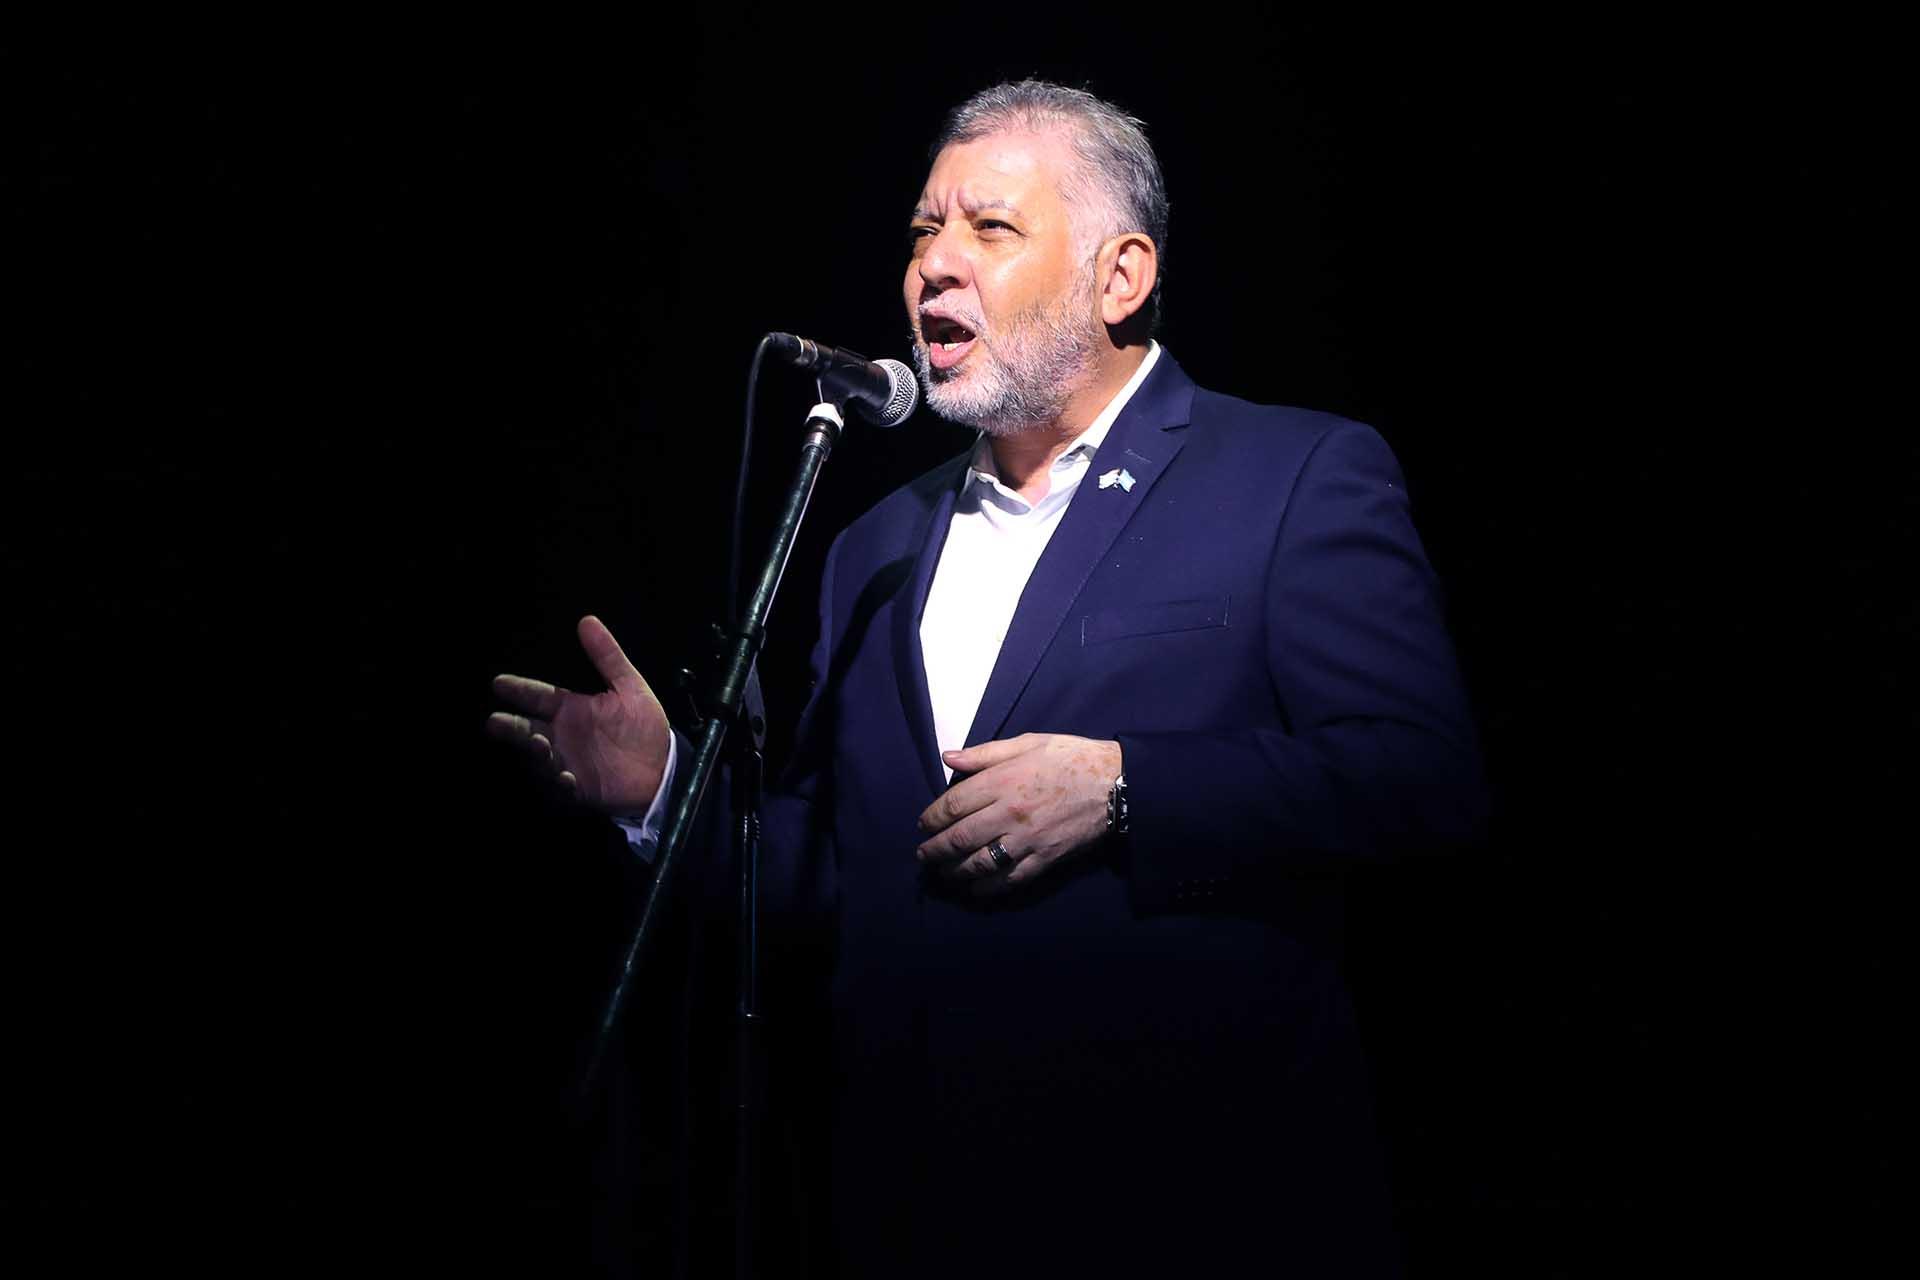 El presidente de la Agrupación Sionista Argentina, Sergio Pikholtz